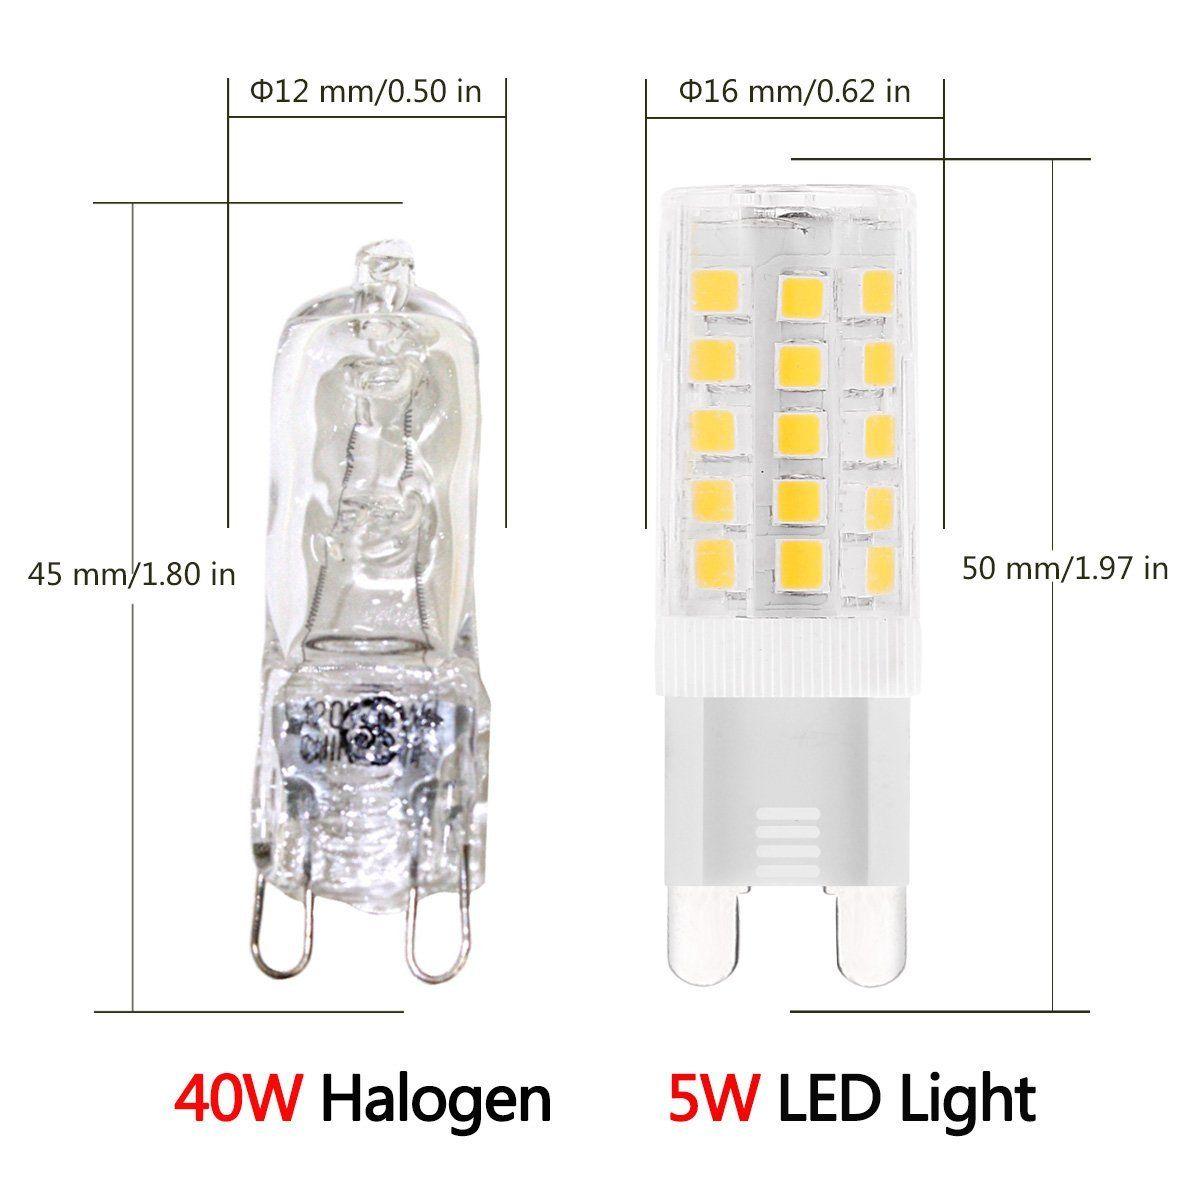 G9 Led Light Bulbs 5 Watt,Equivalent To 40 Watt Halogen